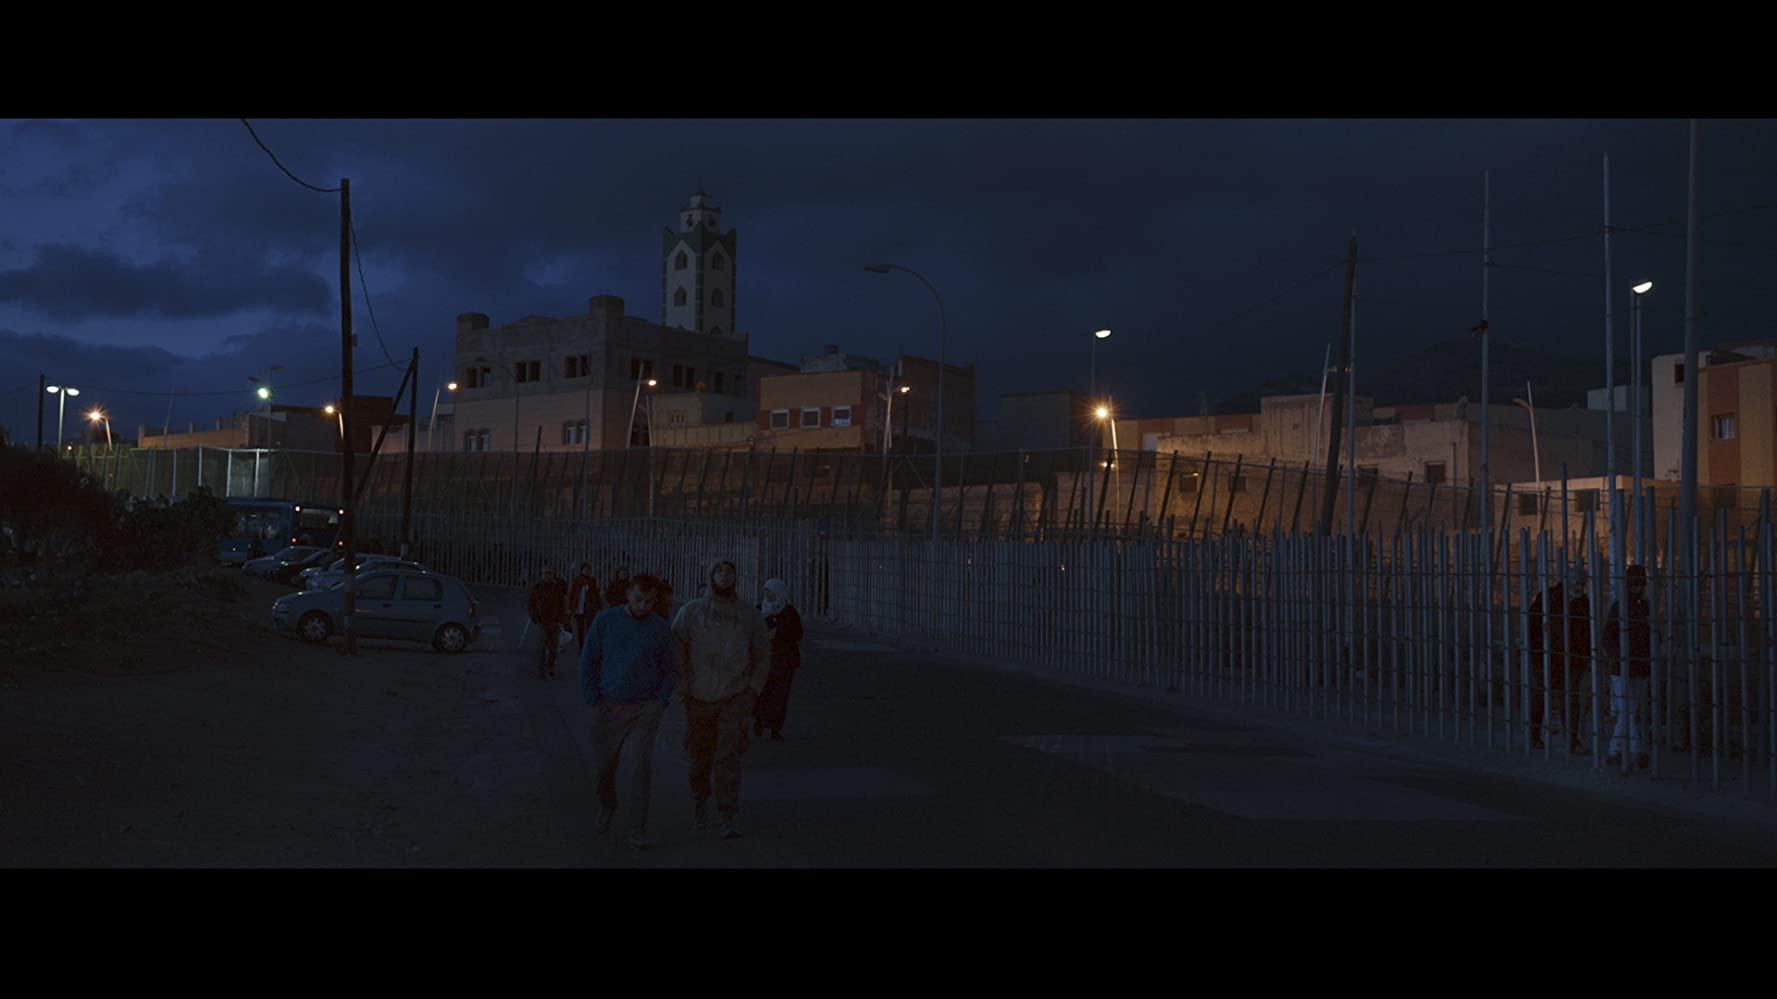 مشاهدة فيلم Adu (2020) مترجم HD اون لاين